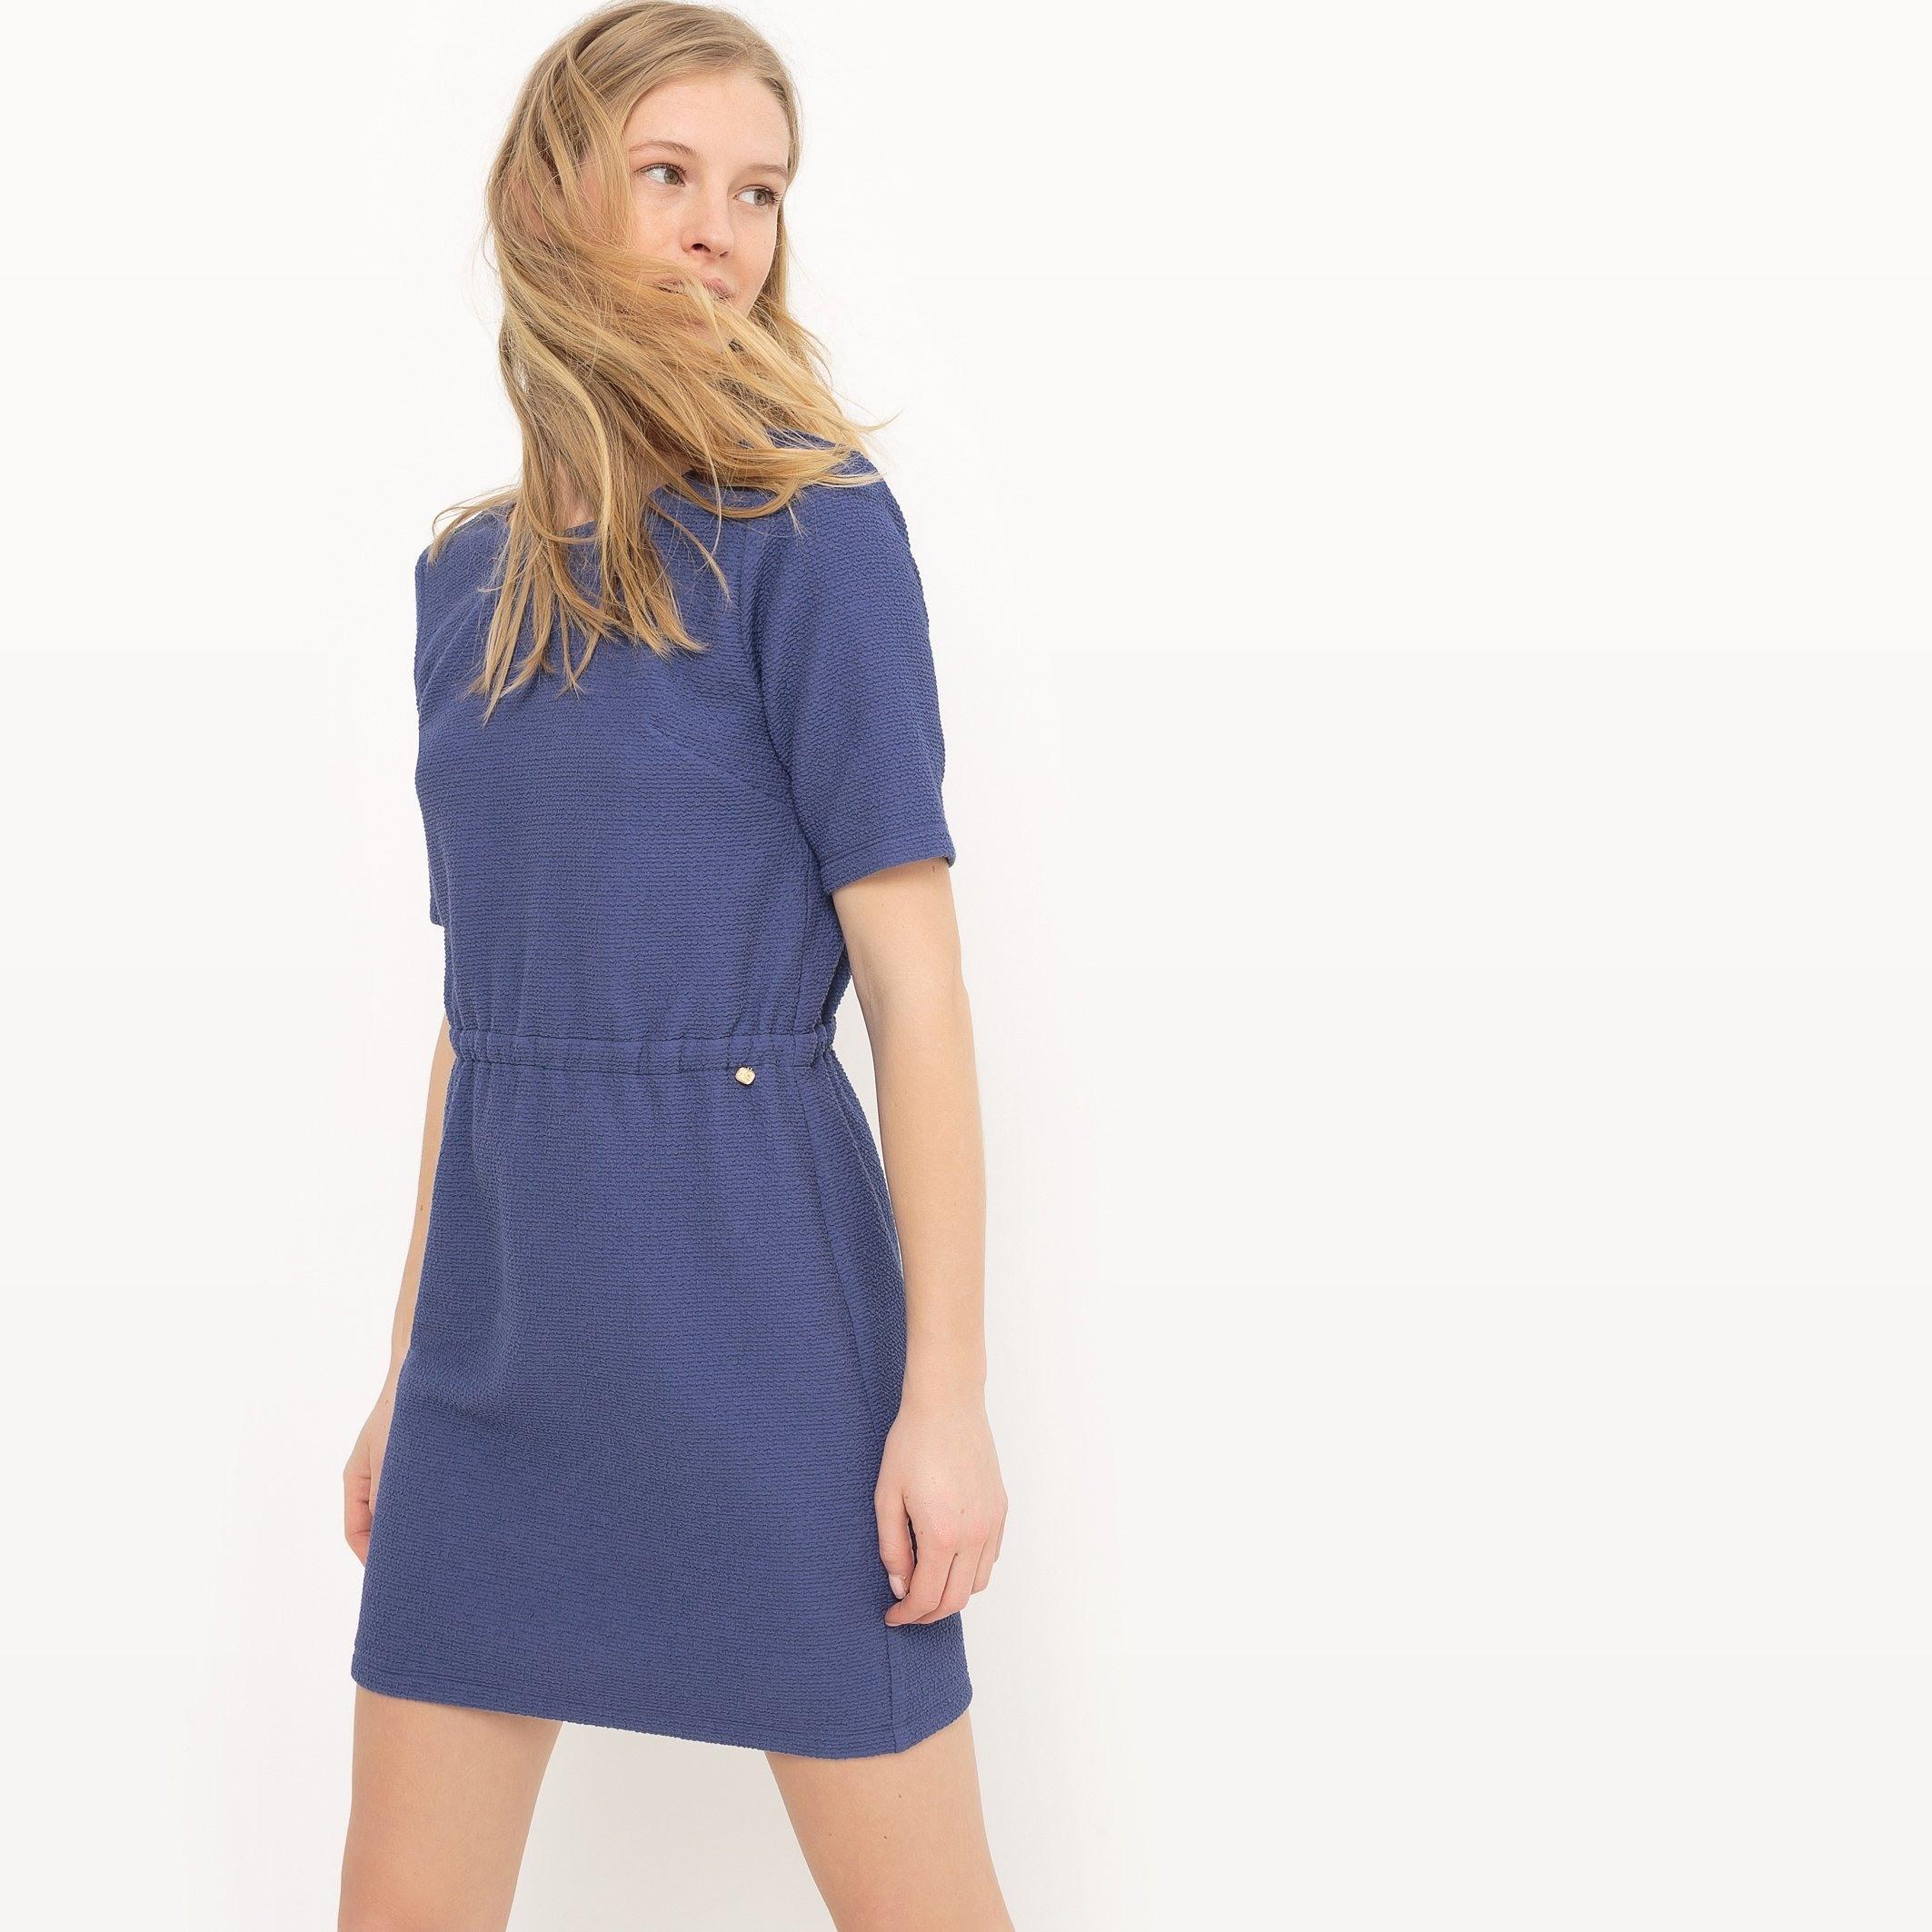 10 Top Kurzes Kleid Blau Ärmel Genial Kurzes Kleid Blau für 2019